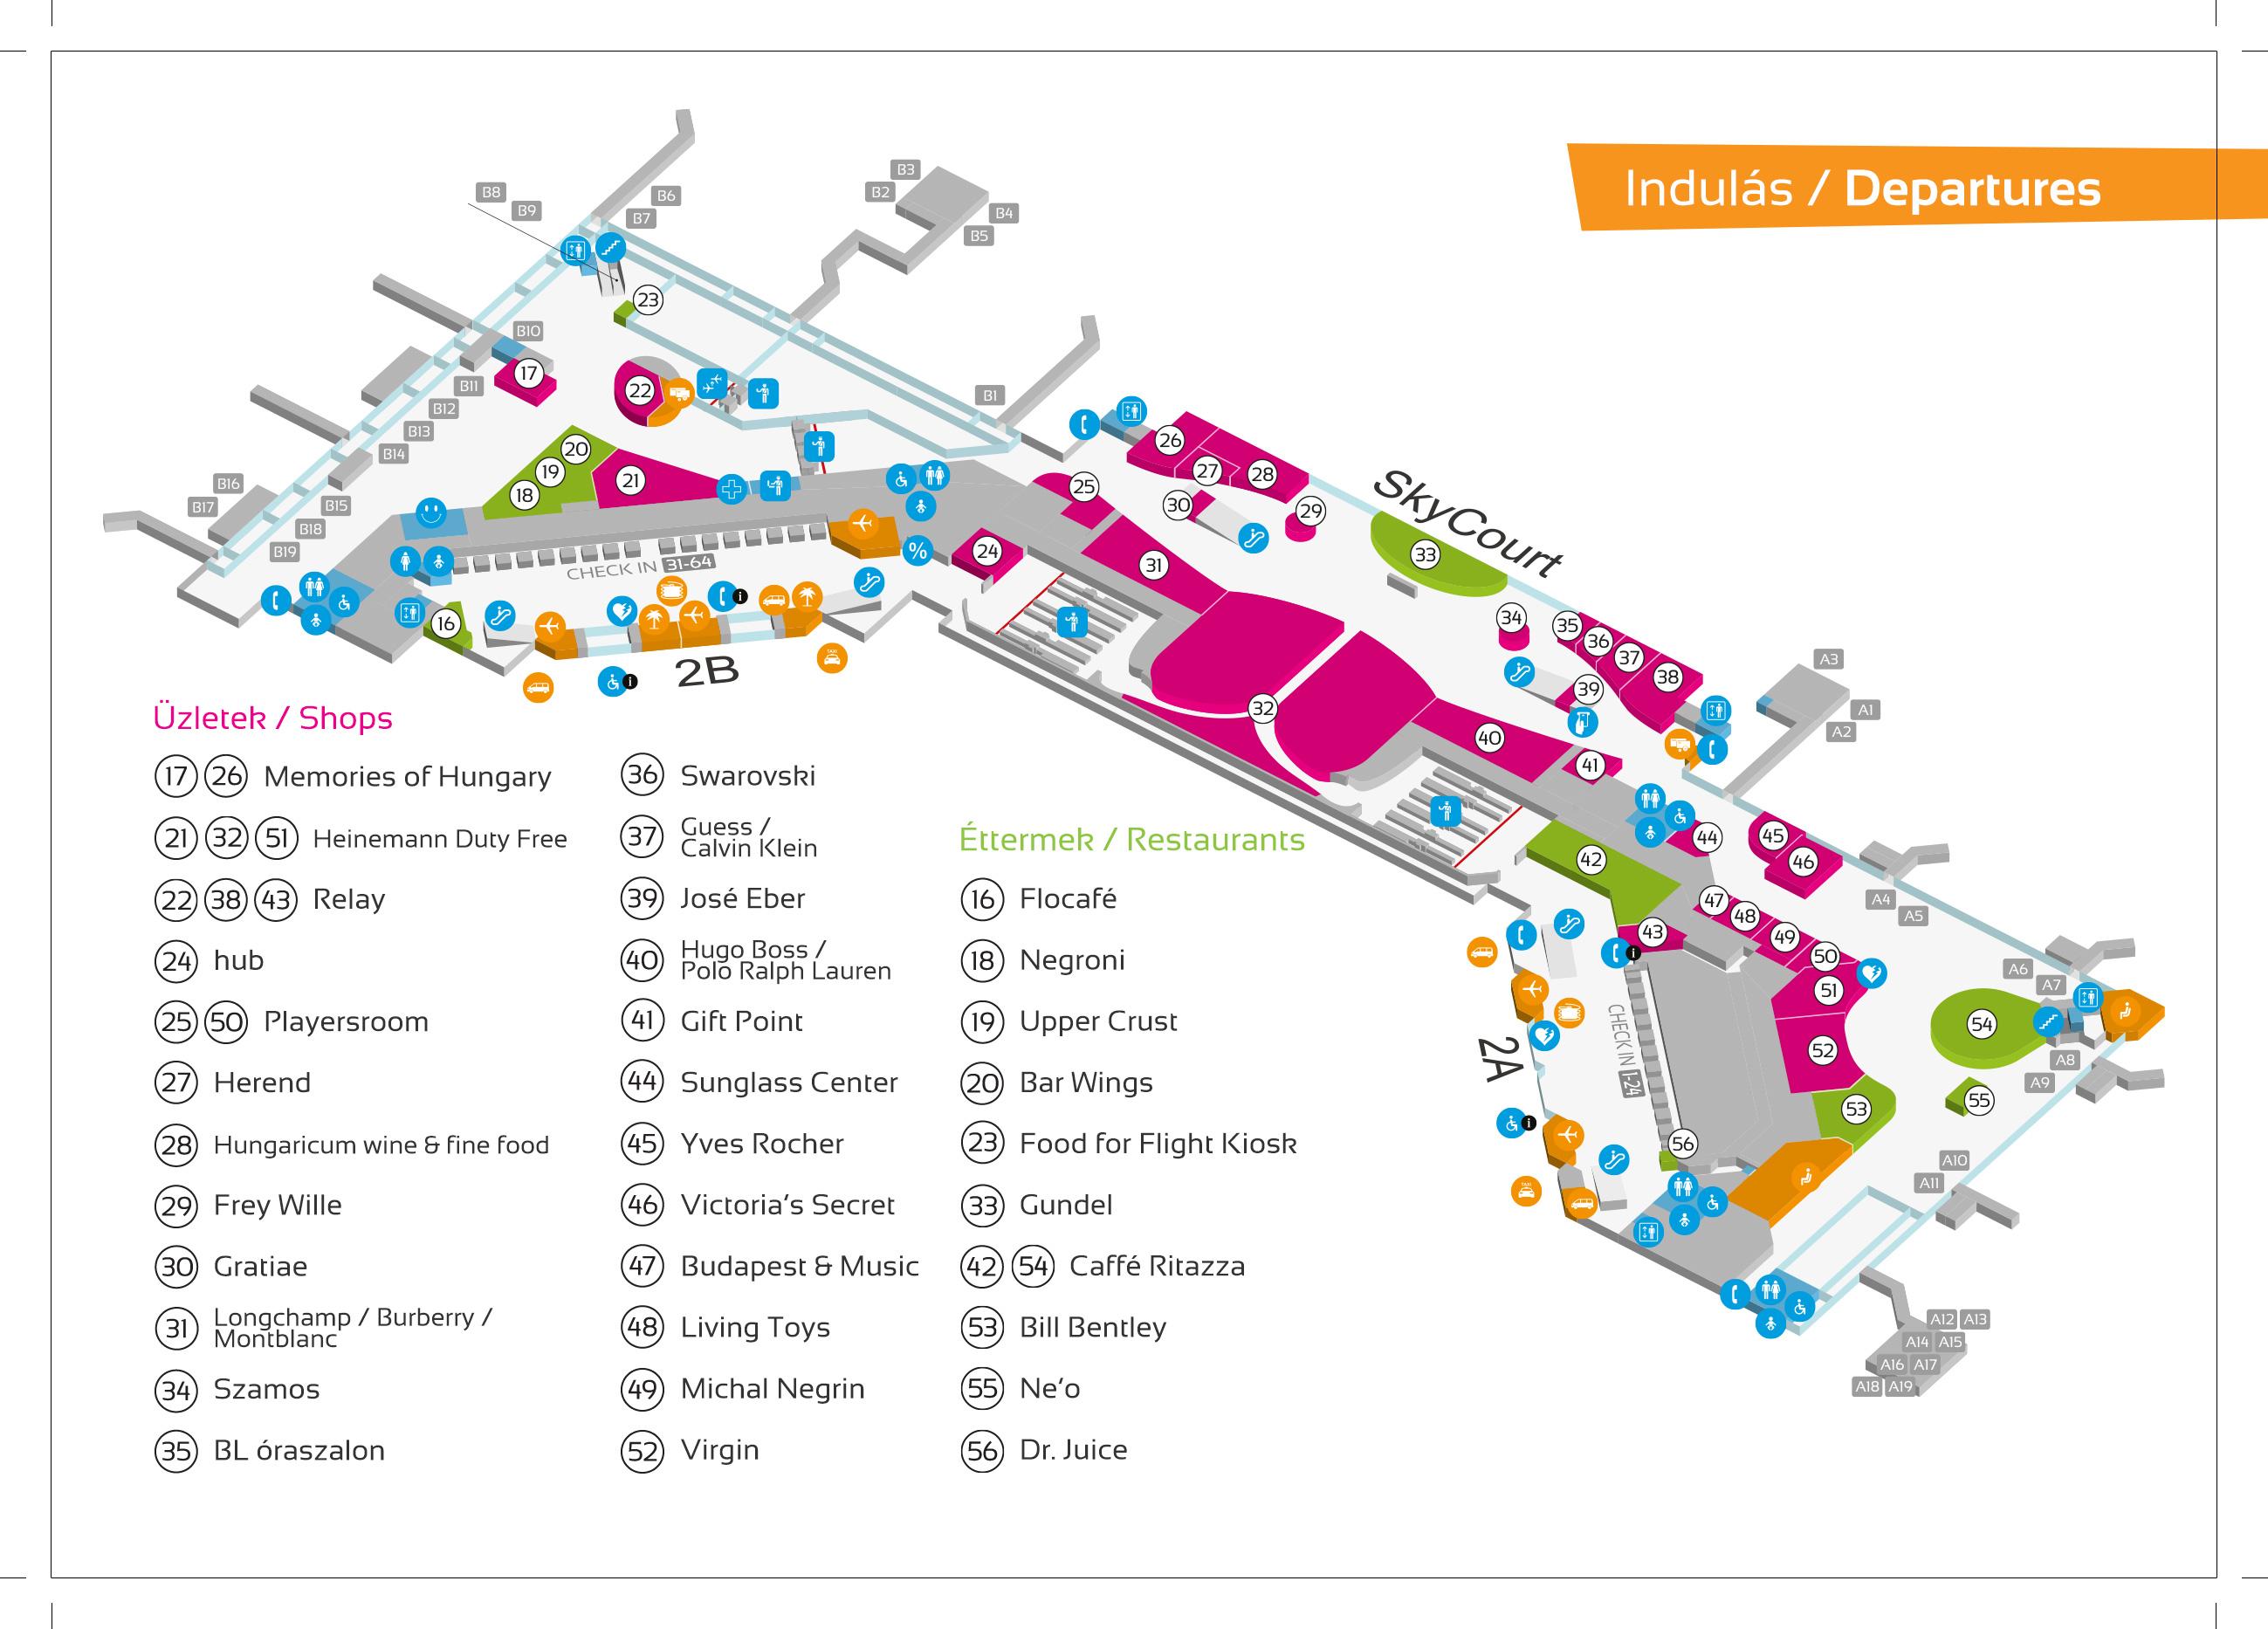 Budapest Flyplass Terminal 2 Oppdatert Med Kart Og Tips